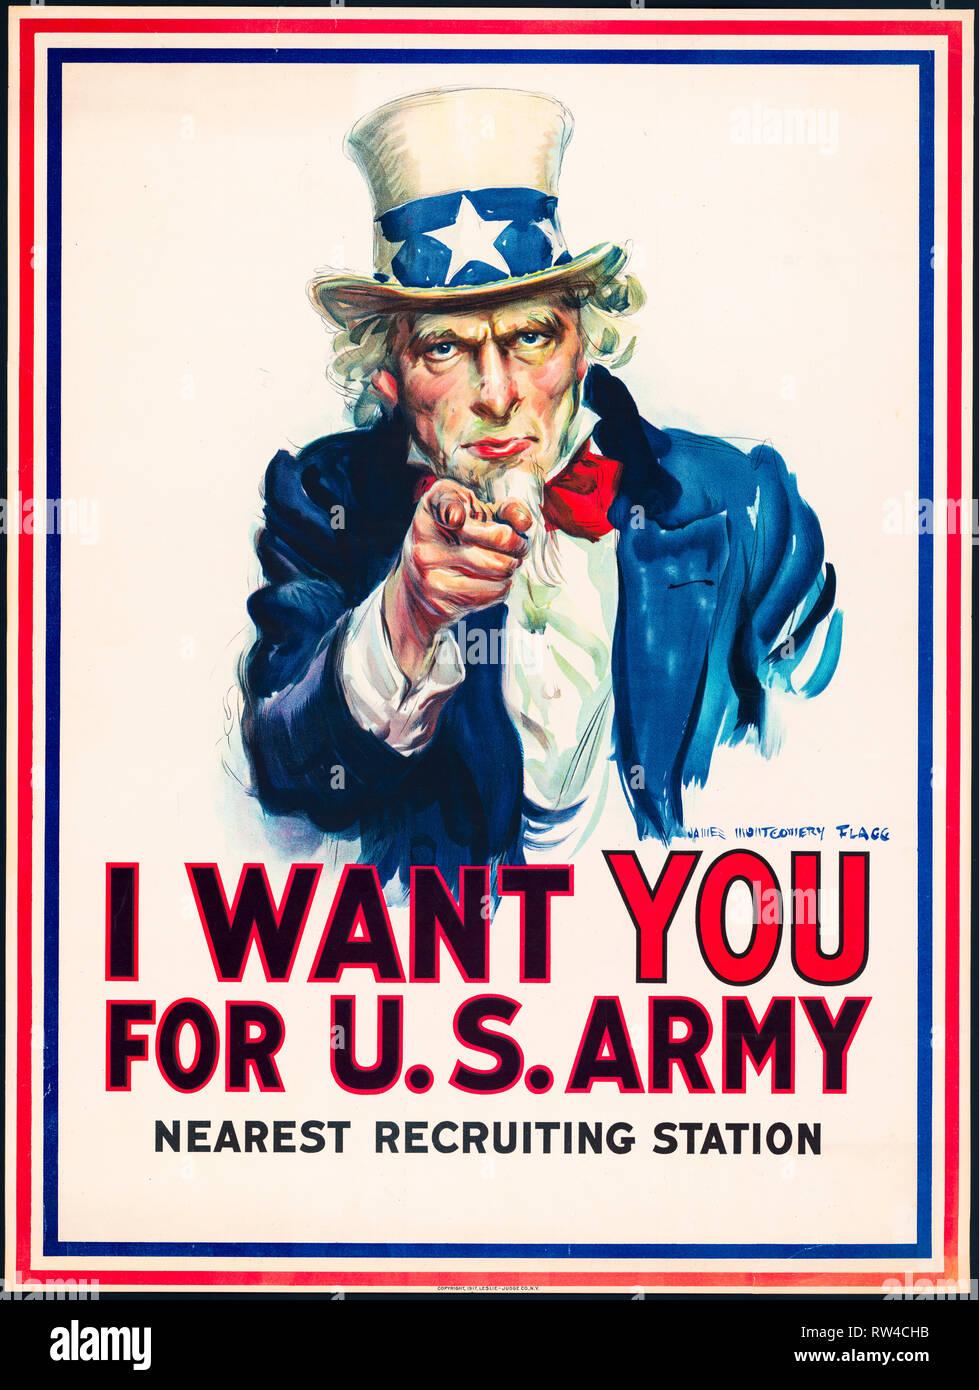 Je veux que vous pour l'armée américaine, l'Oncle Sam, US Army World War 1, 1917 affiche de recrutement Photo Stock